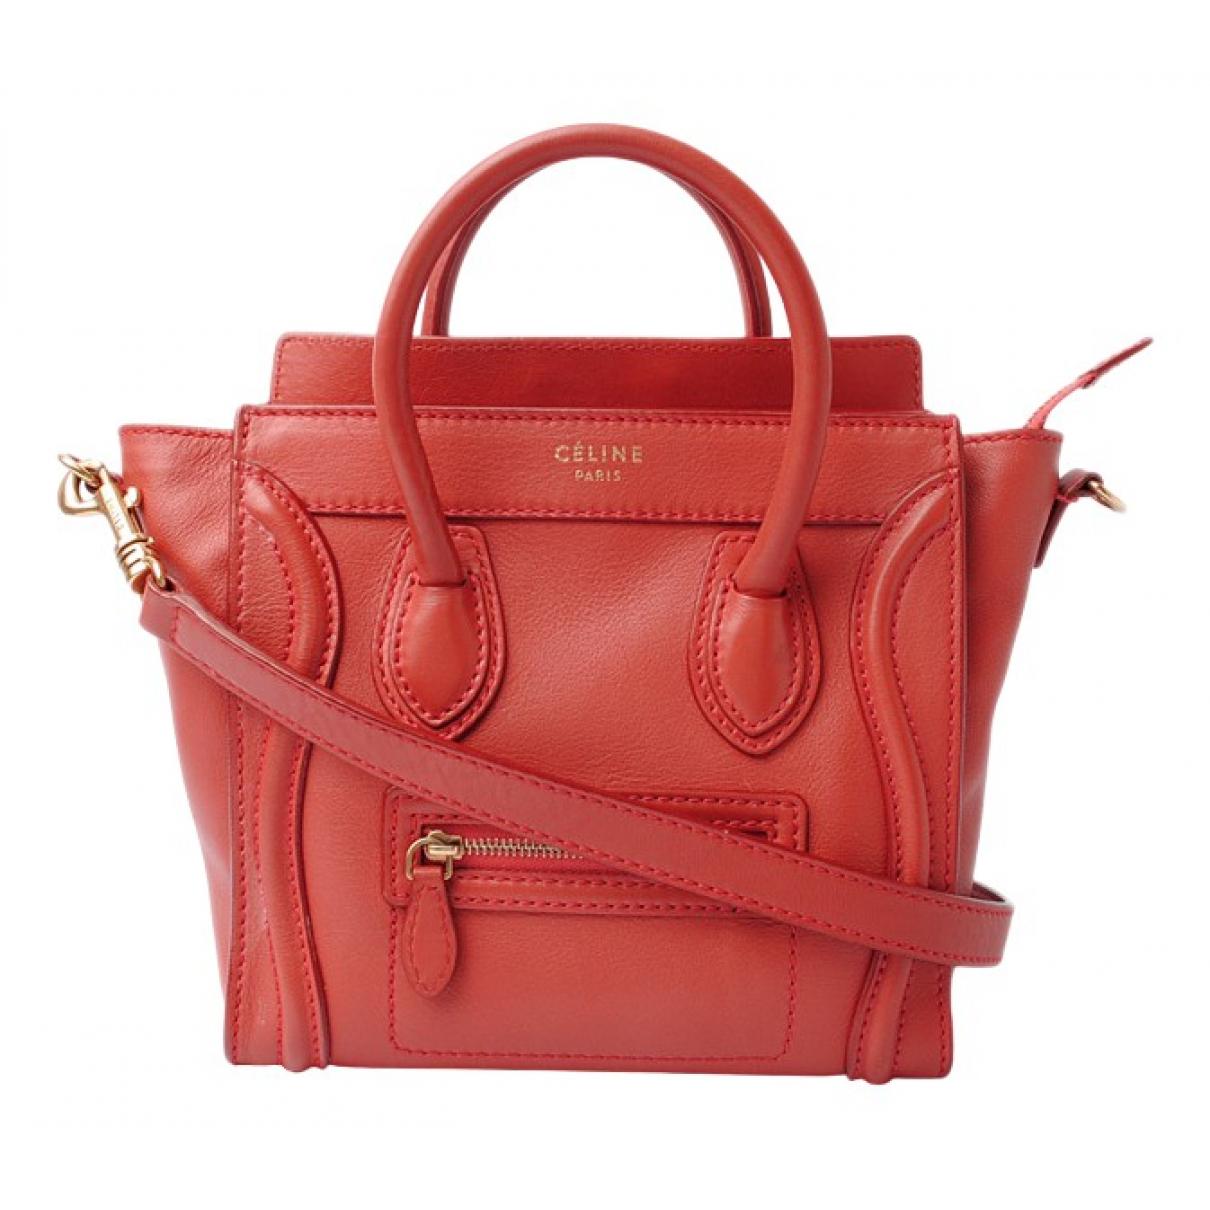 Celine Nano Luggage Handtasche in  Rot Leder